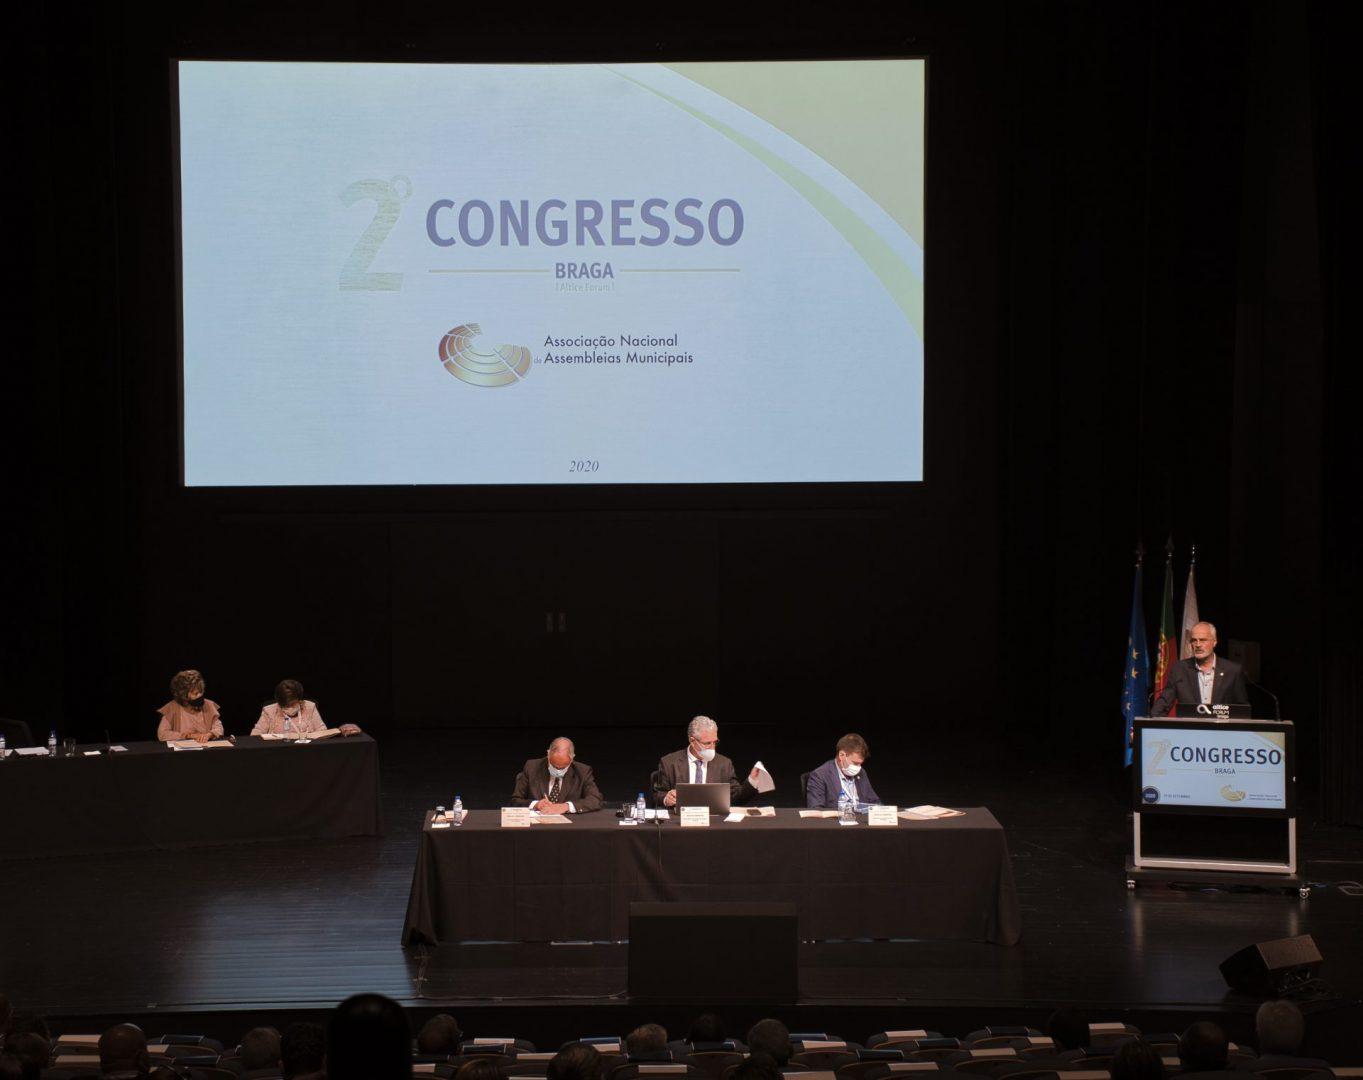 II Congresso da ANAM